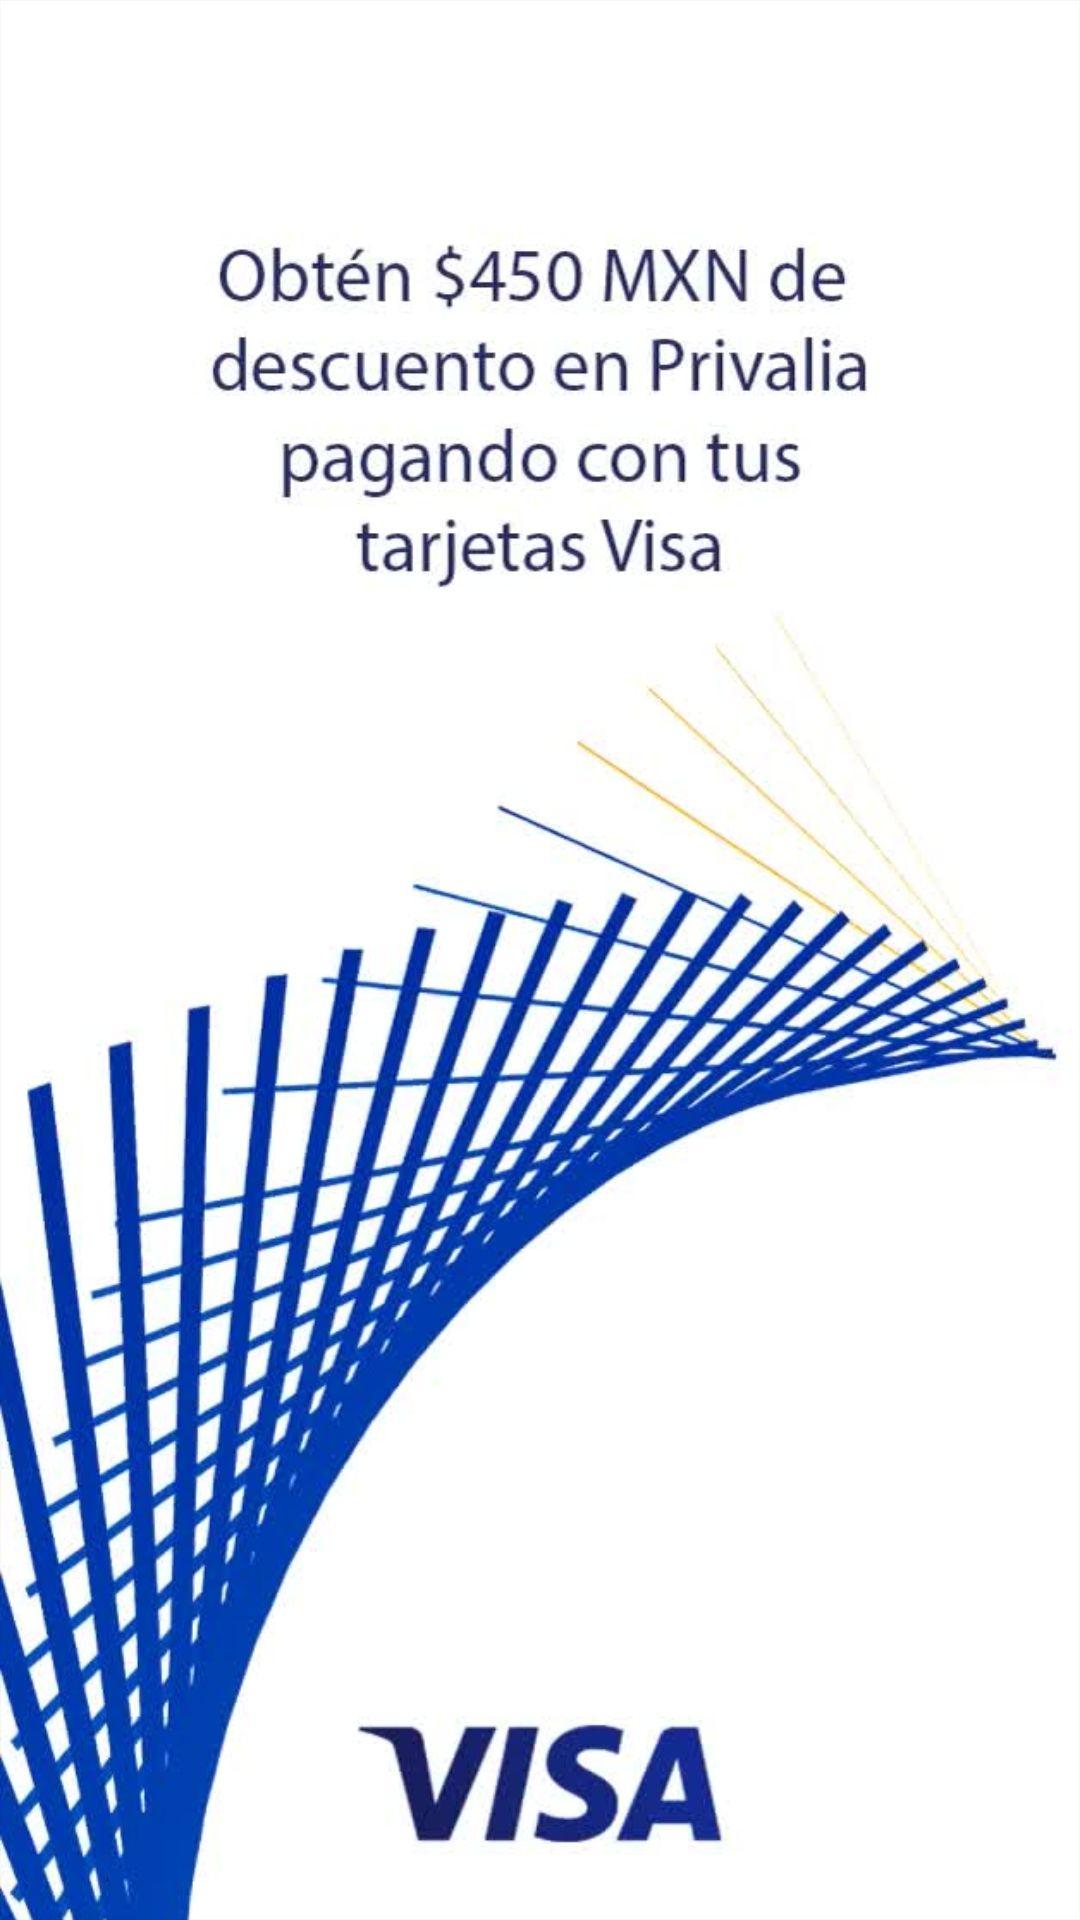 Privalia: $450 De Descuento Con VISA, compra mínima $1,200, usuarios nuevos